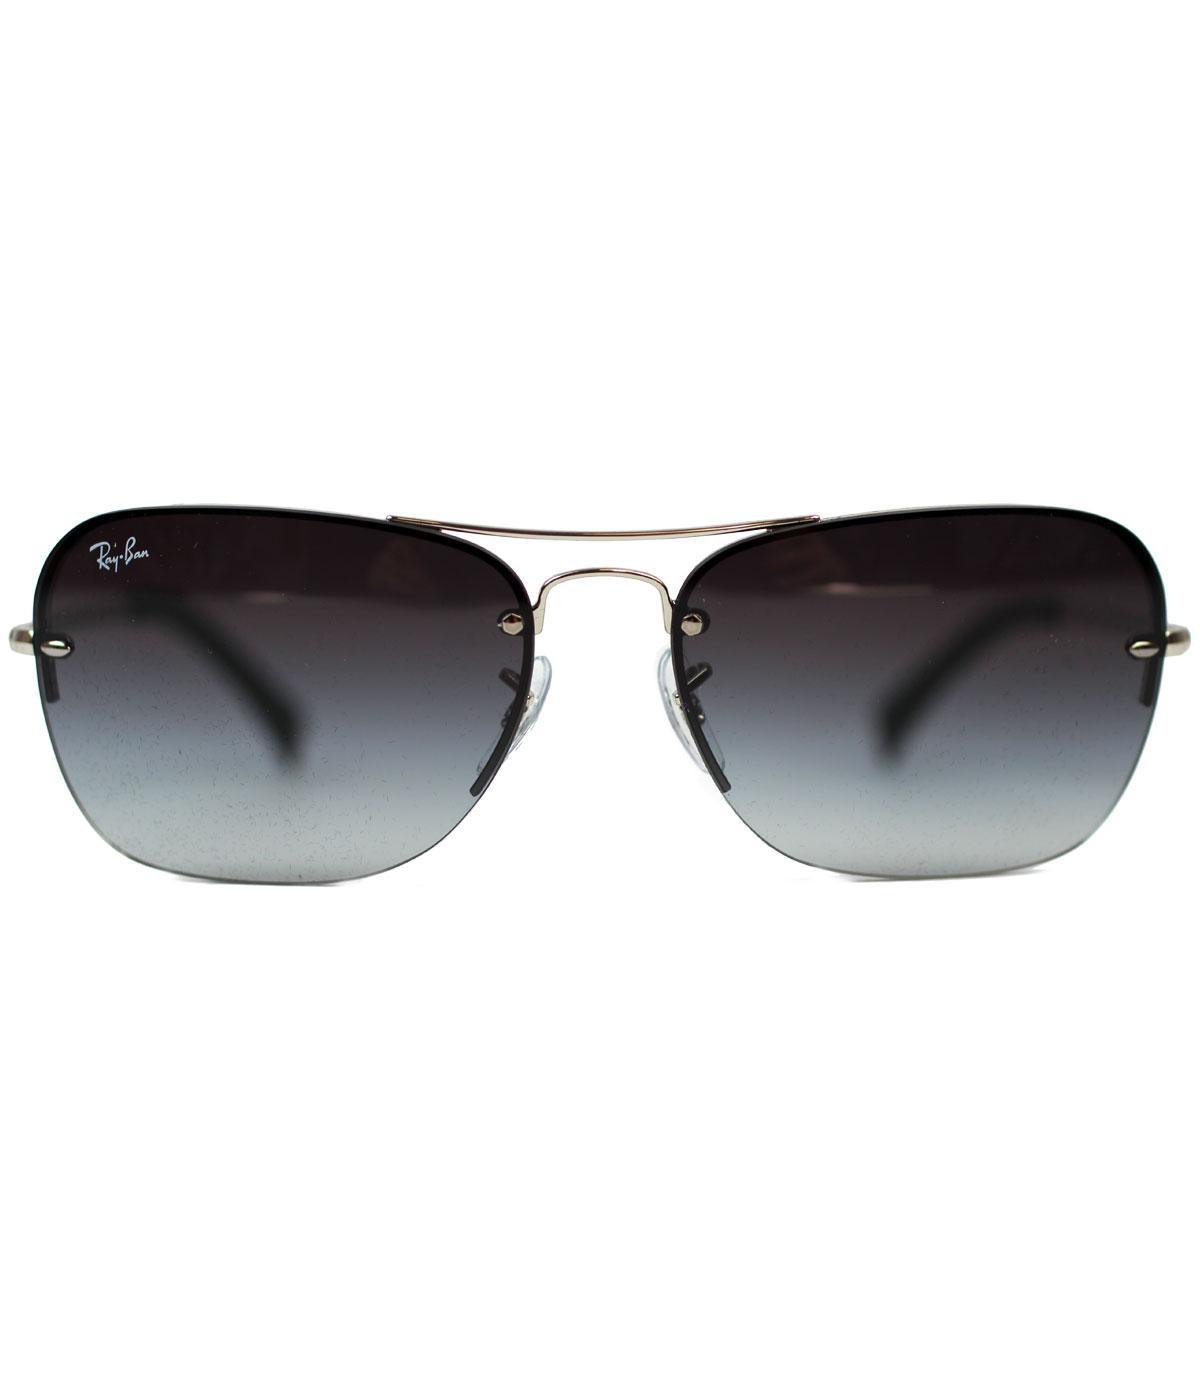 1f0492a4ffe RAY-BAN Retro 70s Pilot Aviator Sunglasses in Silver Grey